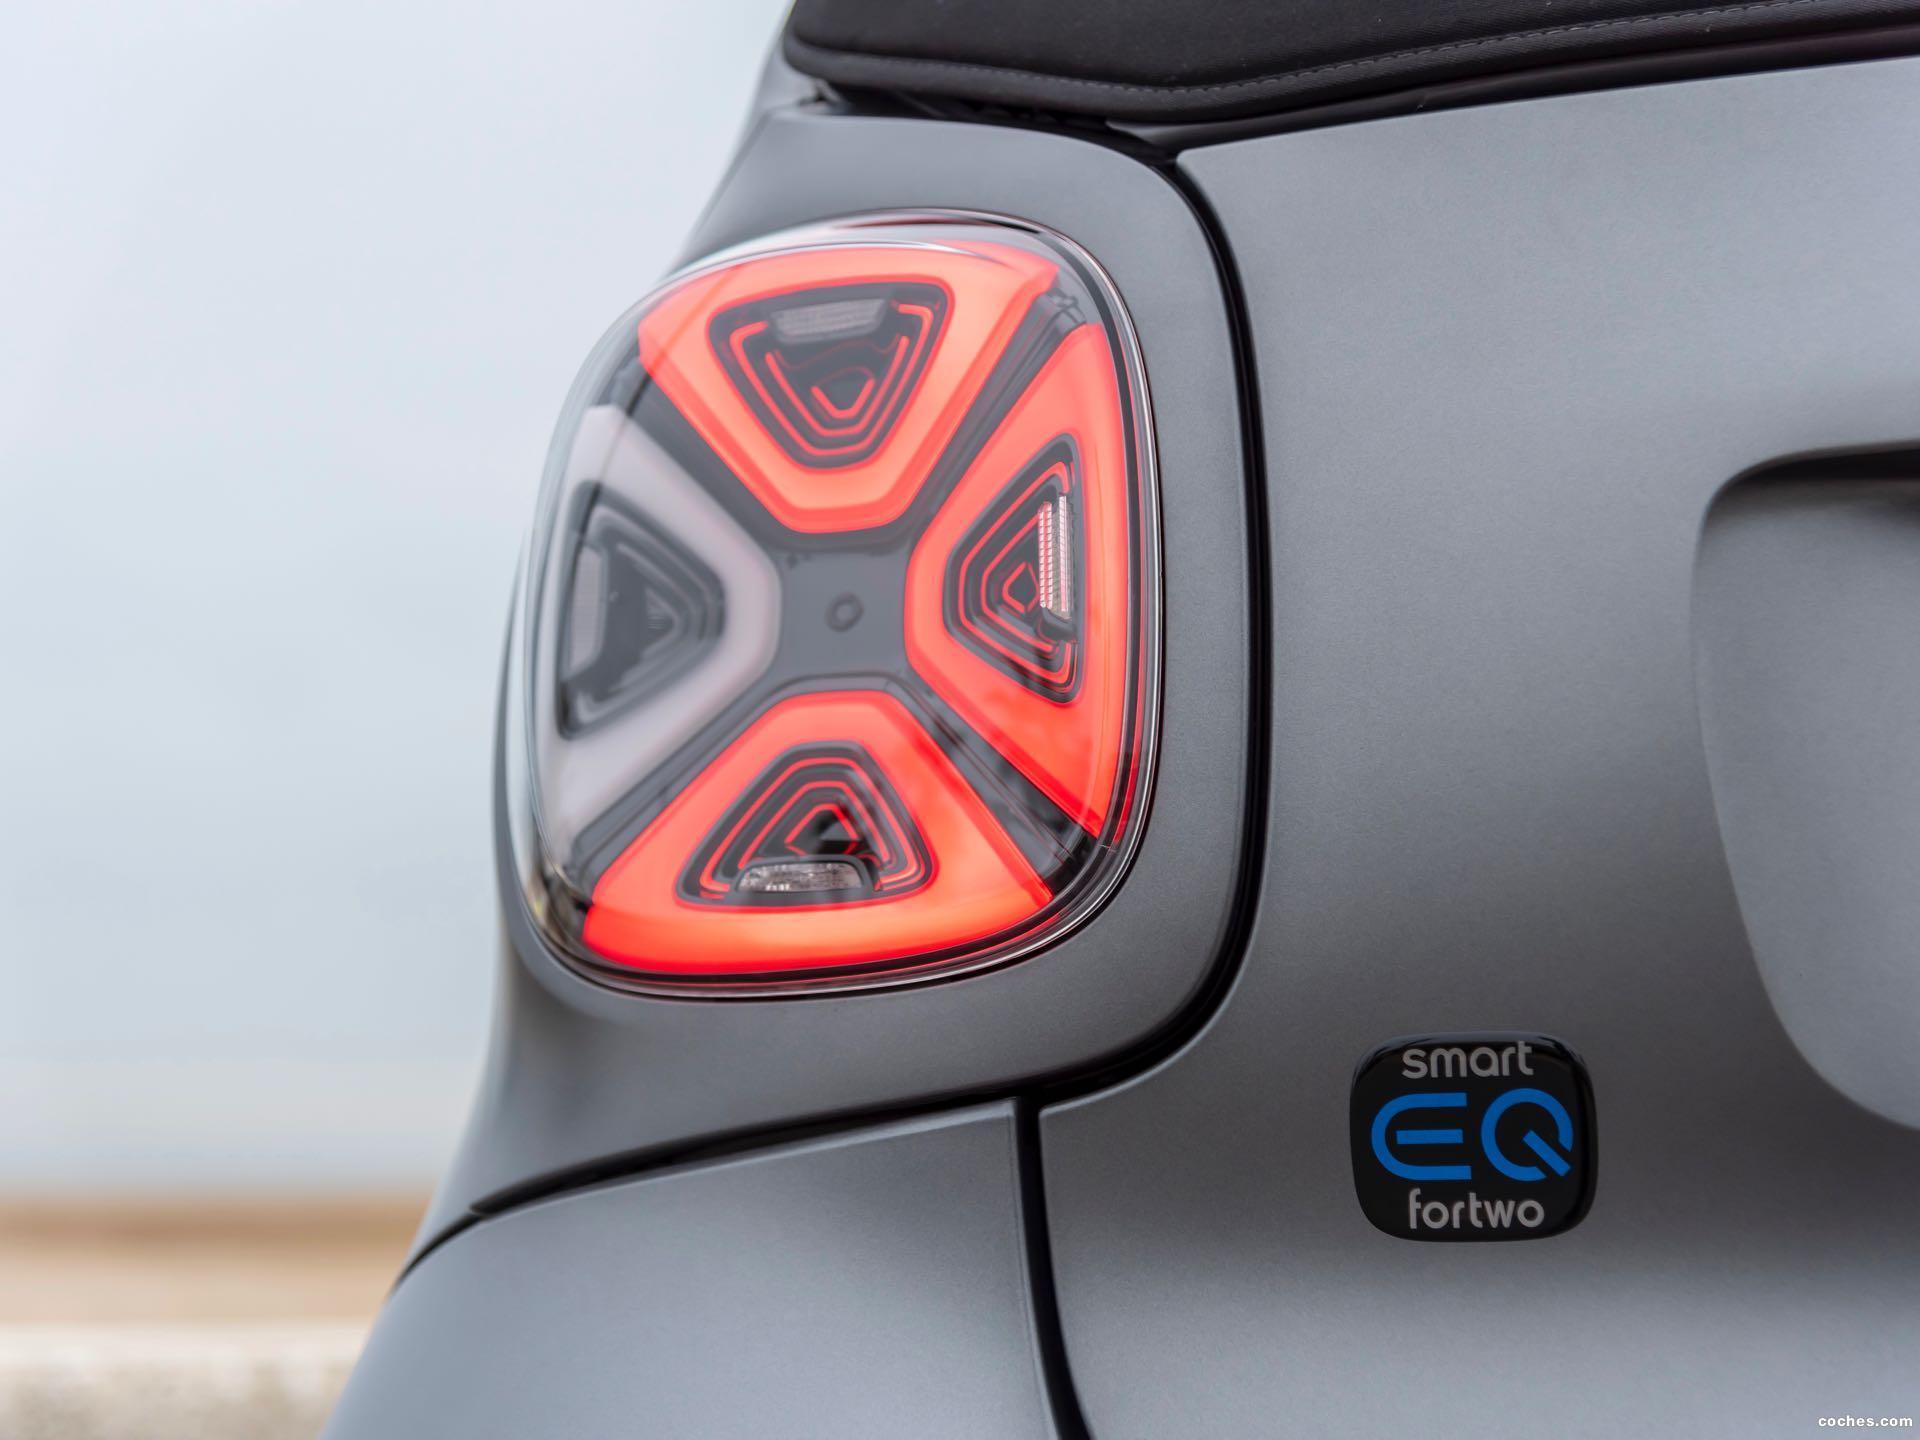 Foto 5 de Smart fortwo cabrio EQ pulse 2020